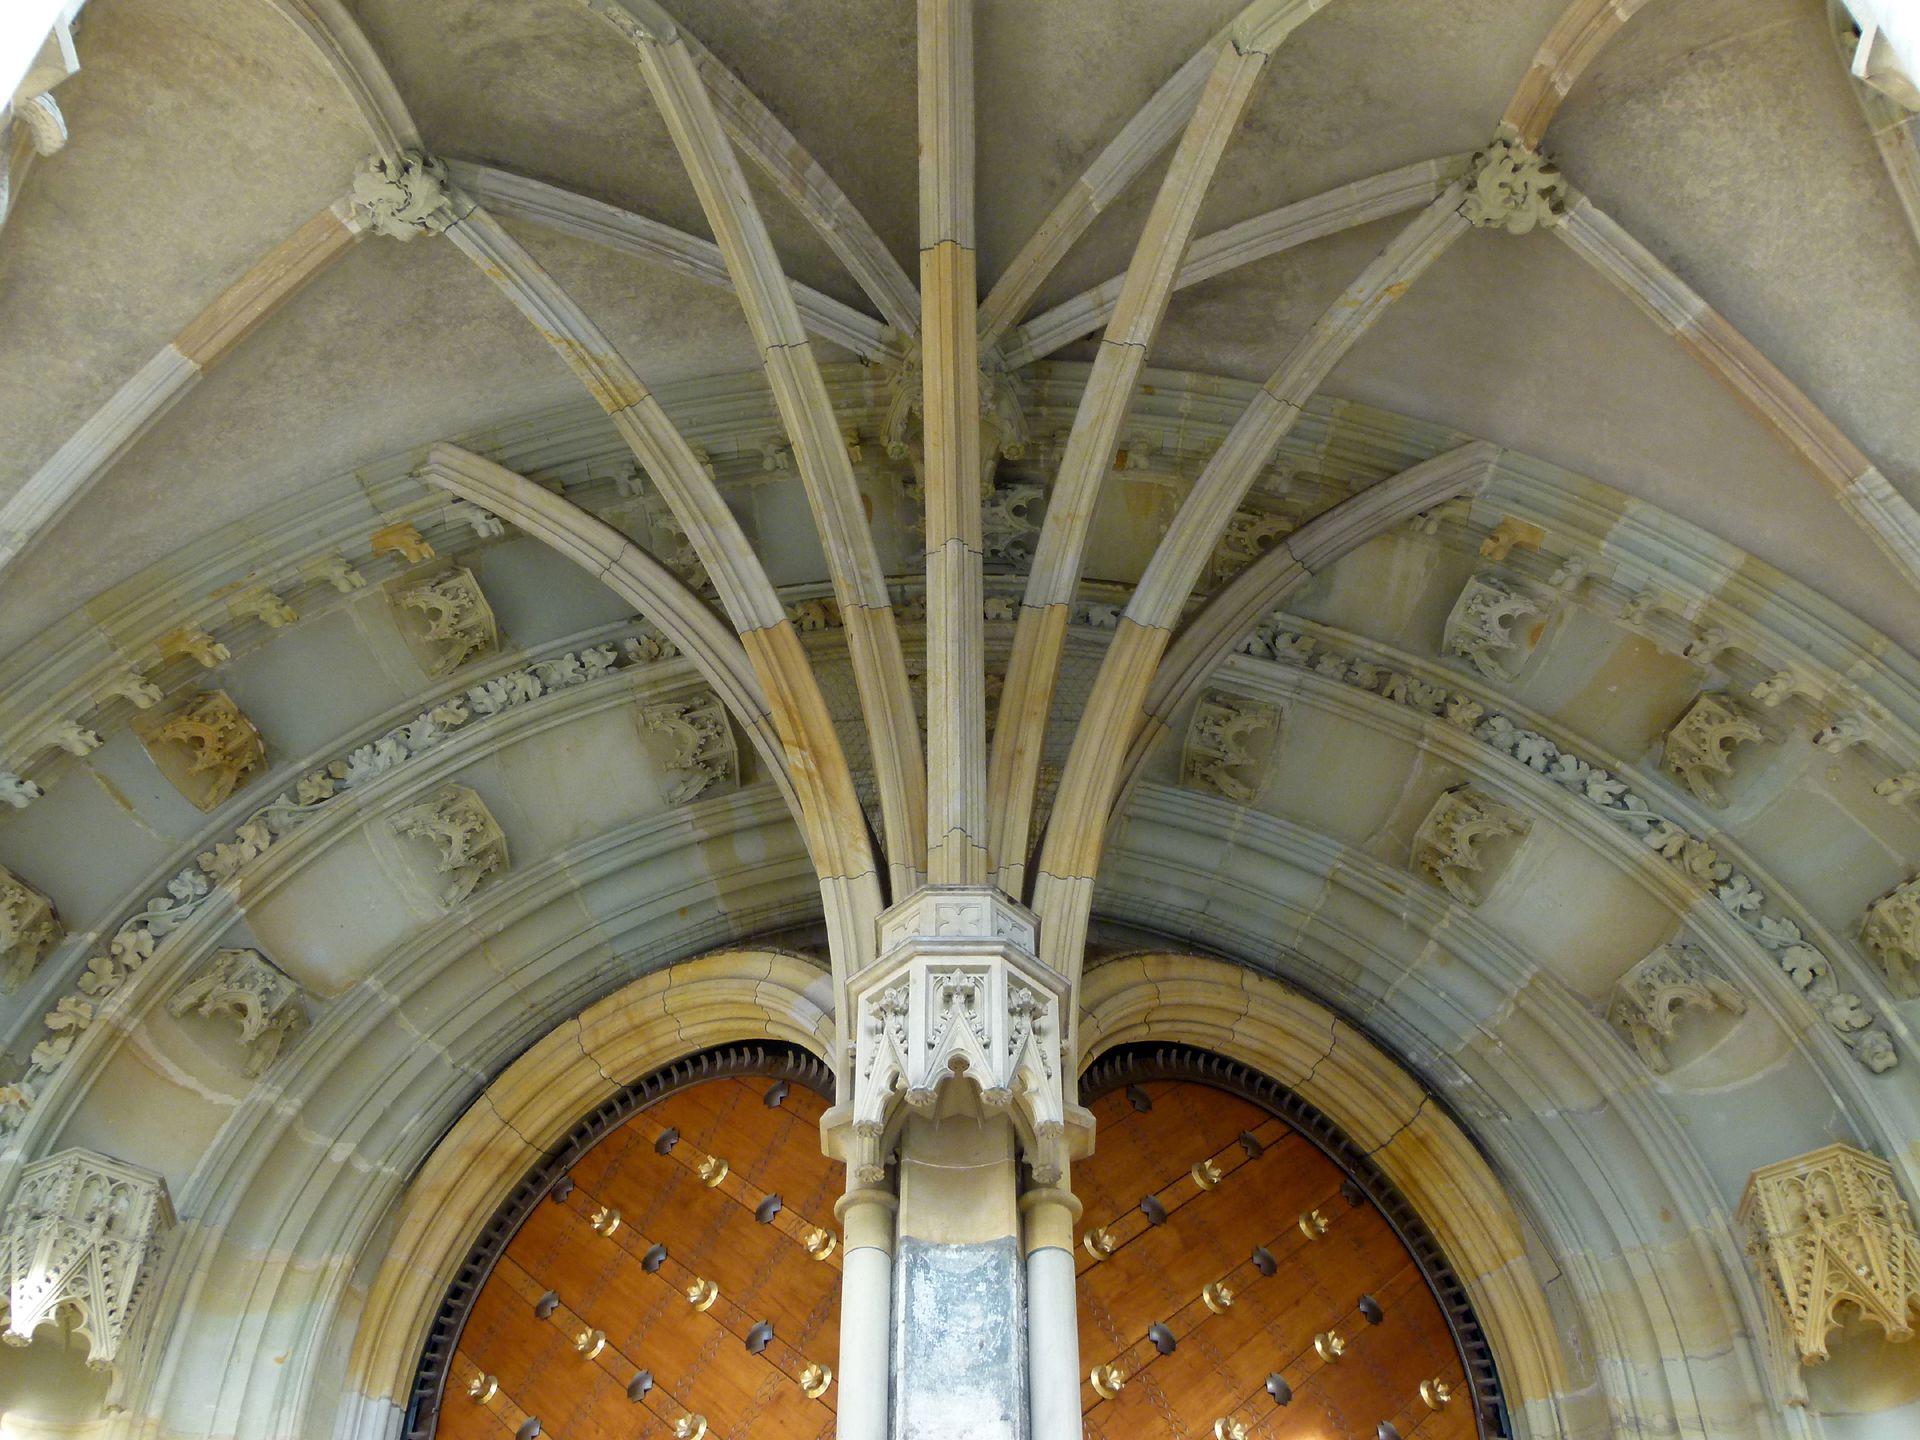 Prag, Veitsdom südliche Vorhalle, 1367-68, Detail